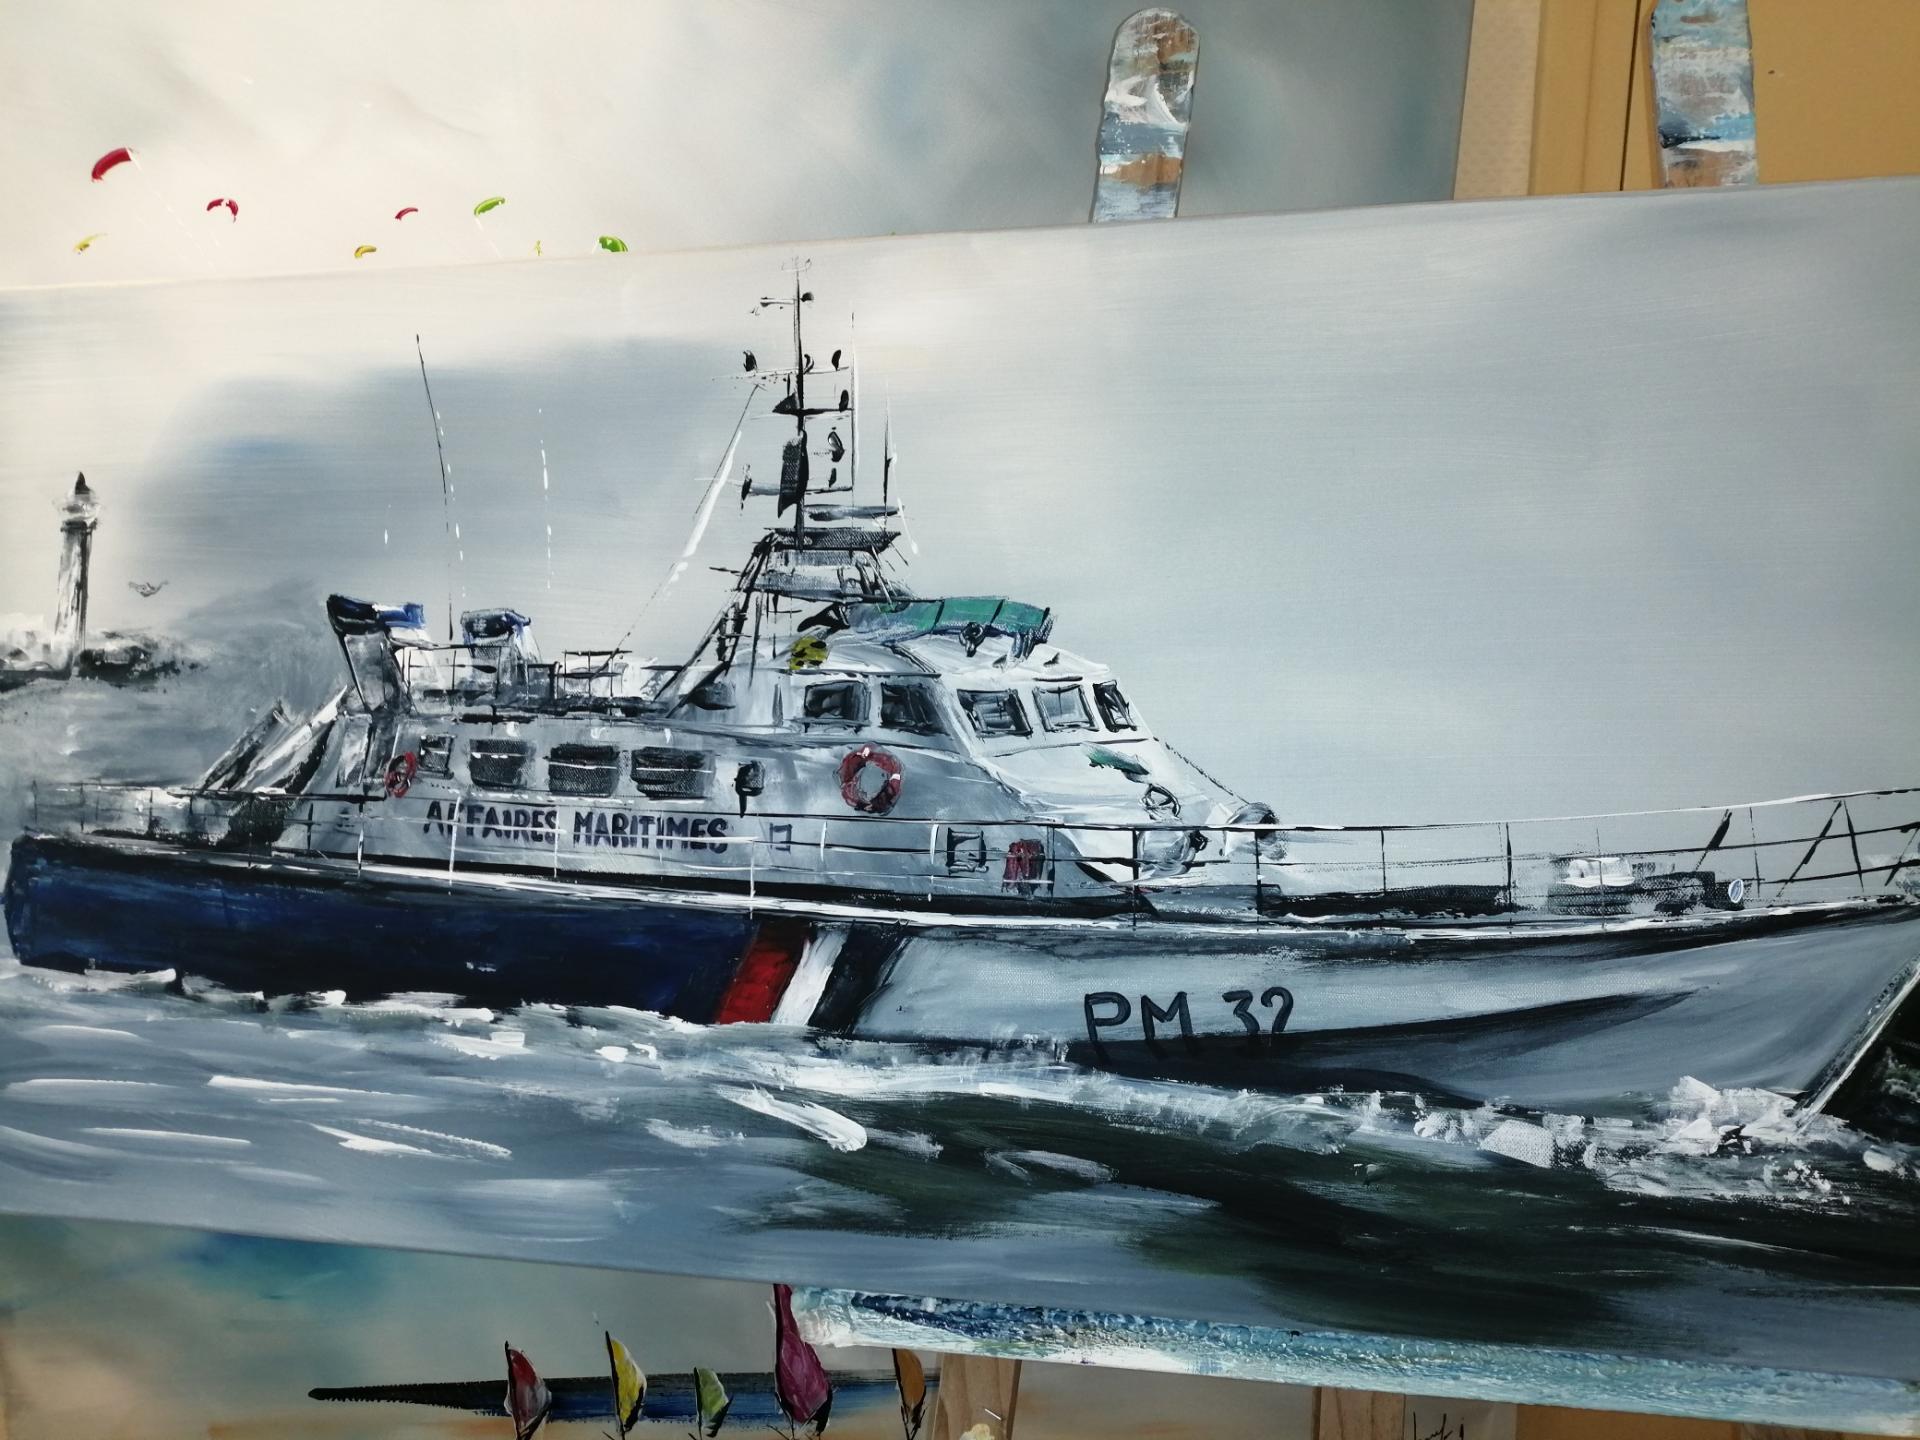 le bateau des affaires maritimes de Boulogne sur mer